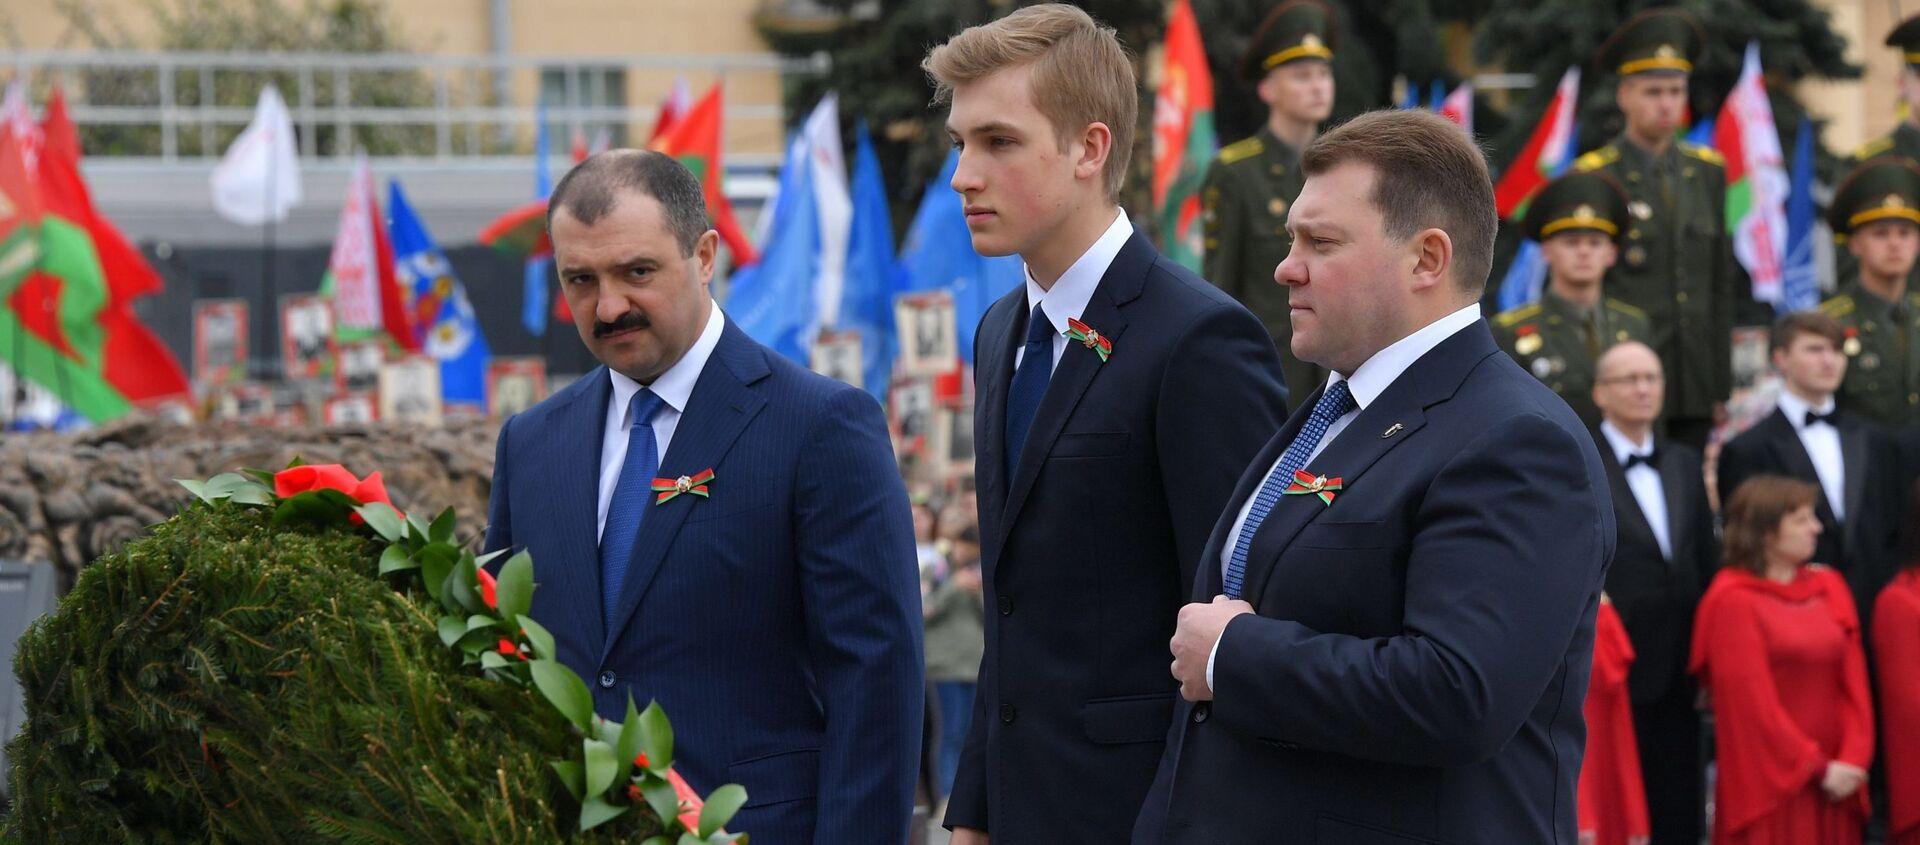 Николай Лукашенко со старшими братьями 9 Мая в Минске - Sputnik Беларусь, 1920, 17.04.2021